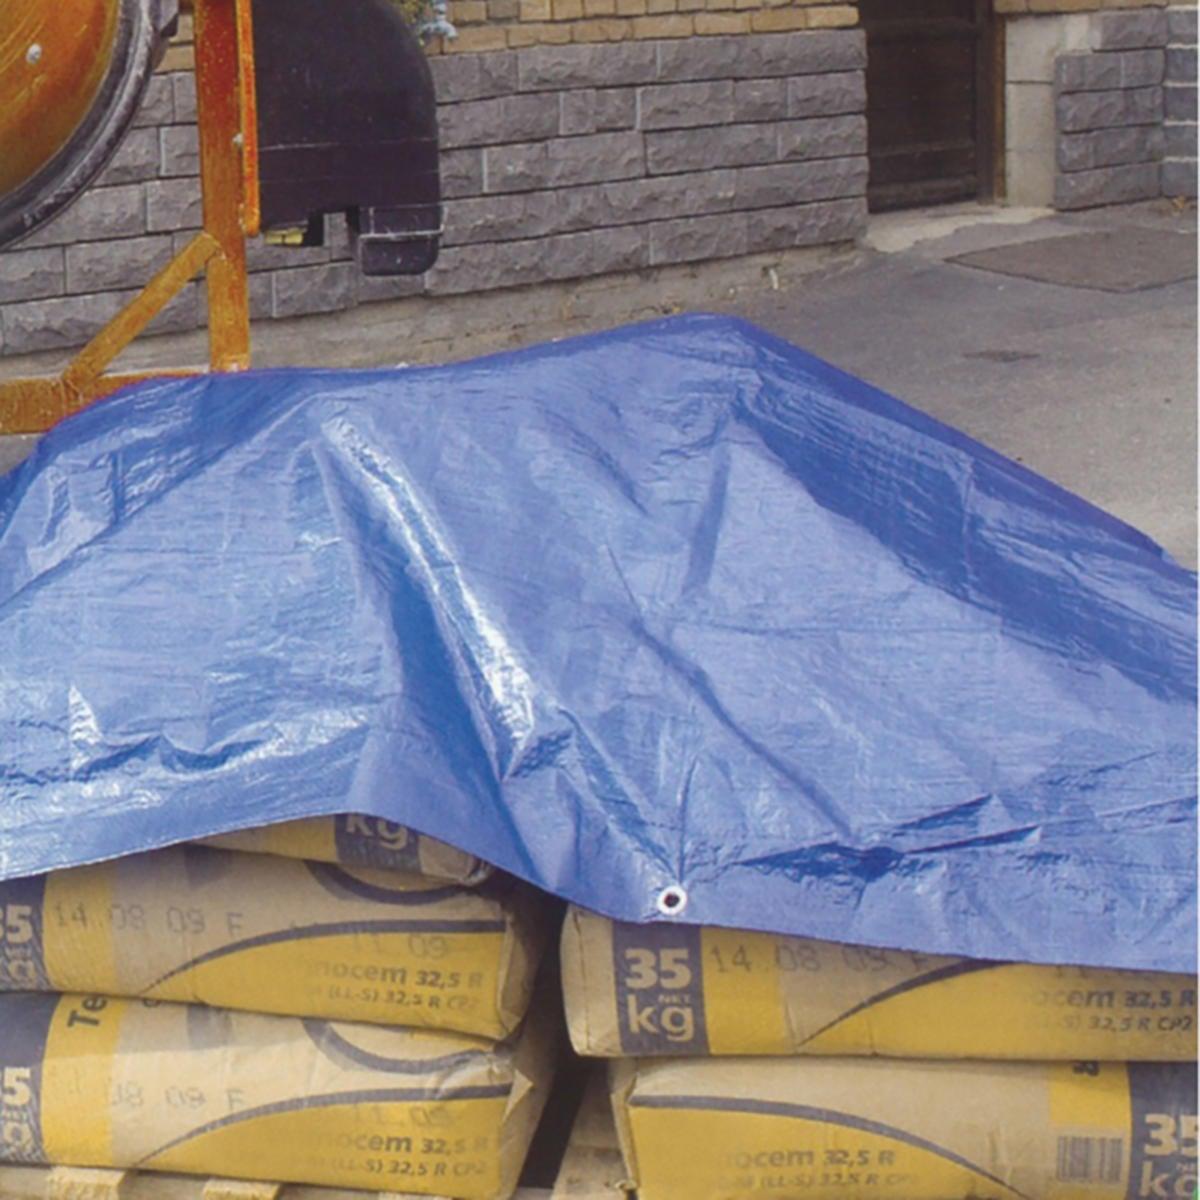 Telo protettivo in polietilene occhiellato L 2 m x H 300 cm 140 g/m² - 2